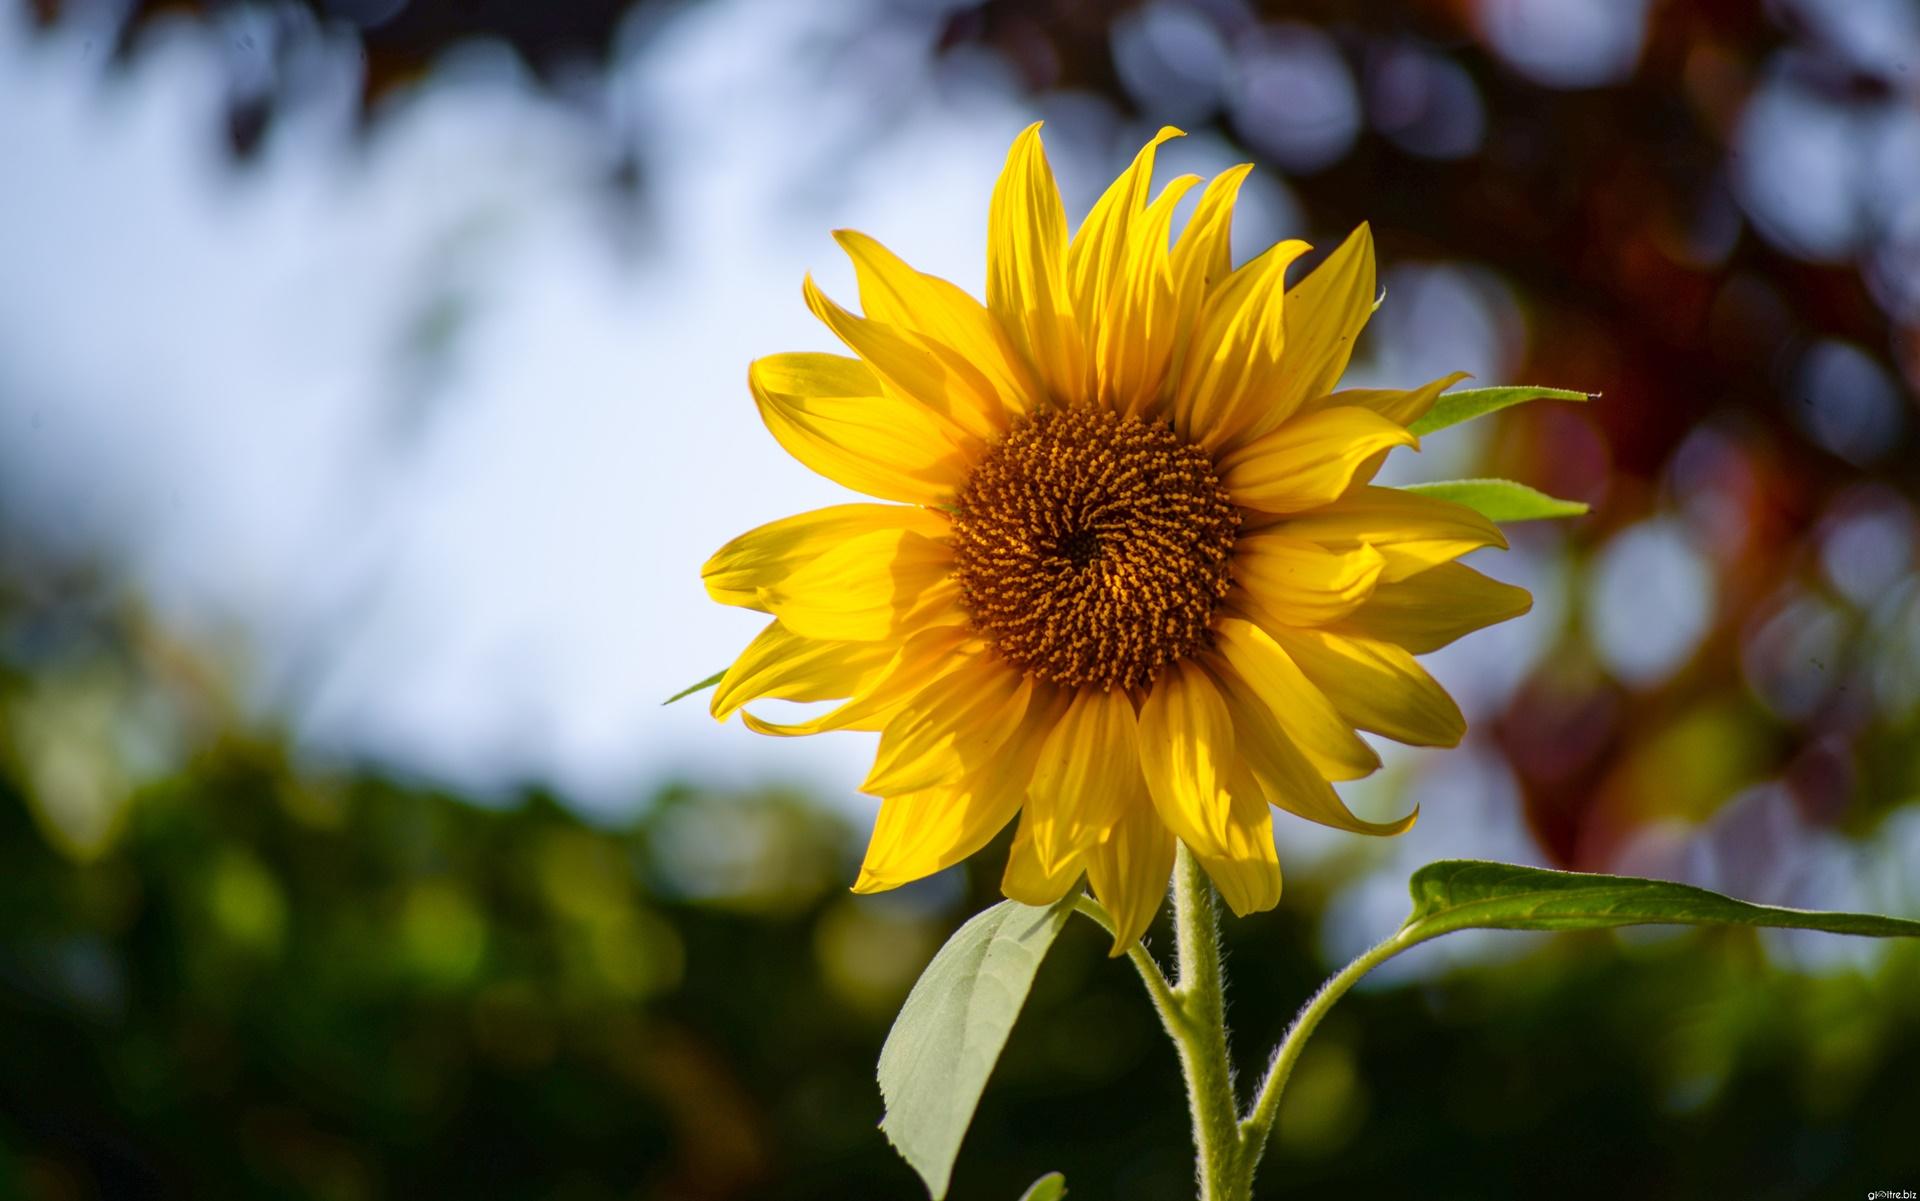 Tải về ảnh nền hoa hướng dương